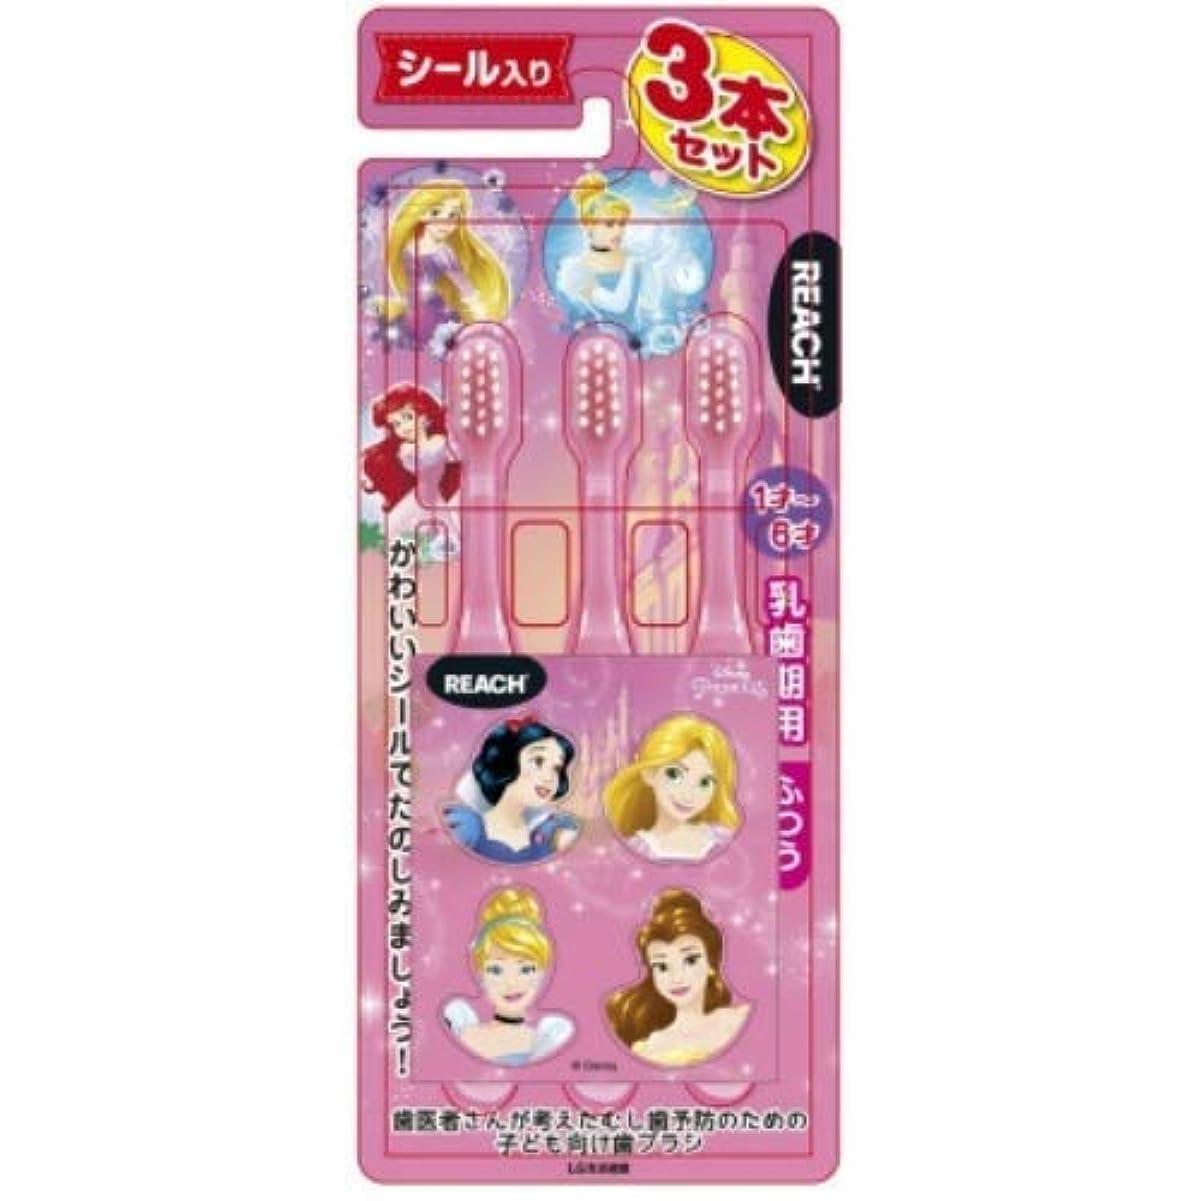 金銭的な誠実アドバンテージリーチキッズ3本(シール入り) プリンセス 乳歯期用 × 5個セット